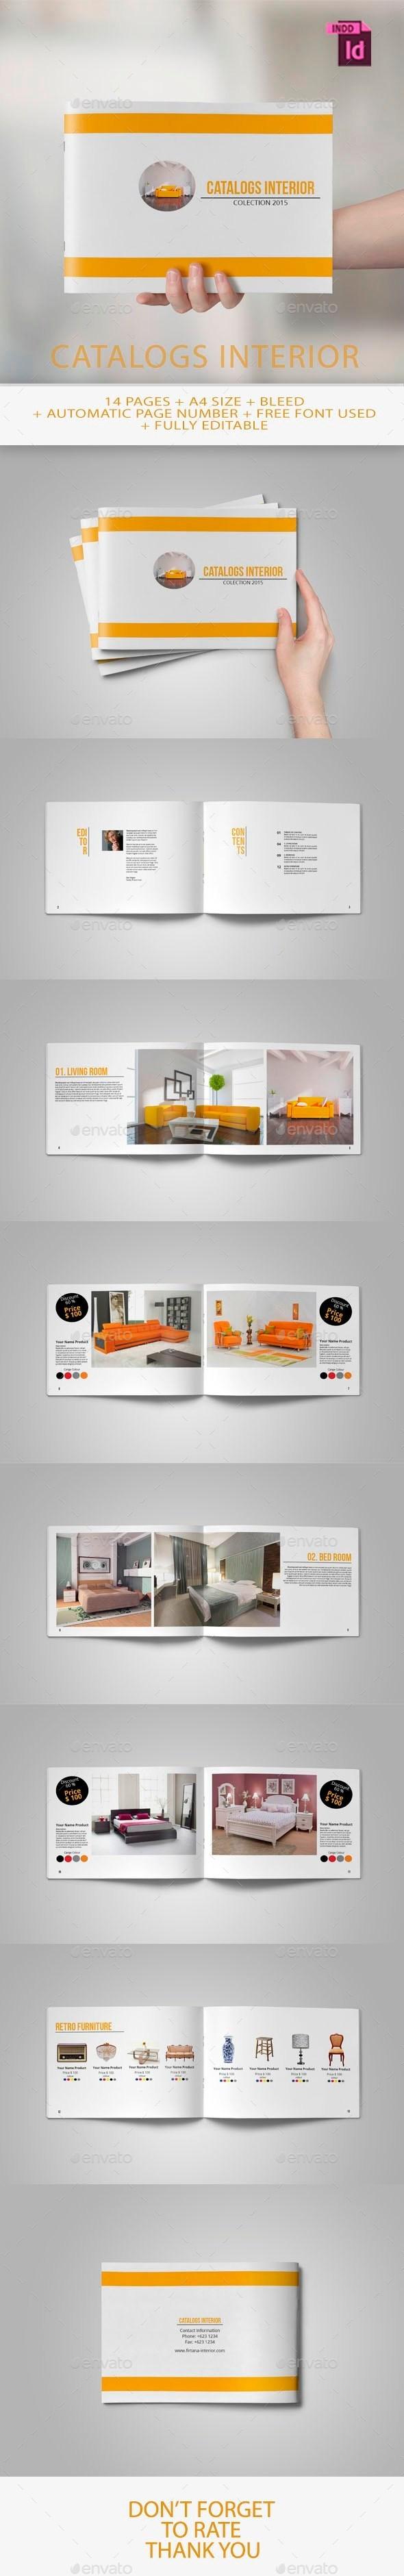 GraphicRiver Catalogs Interior 10755329